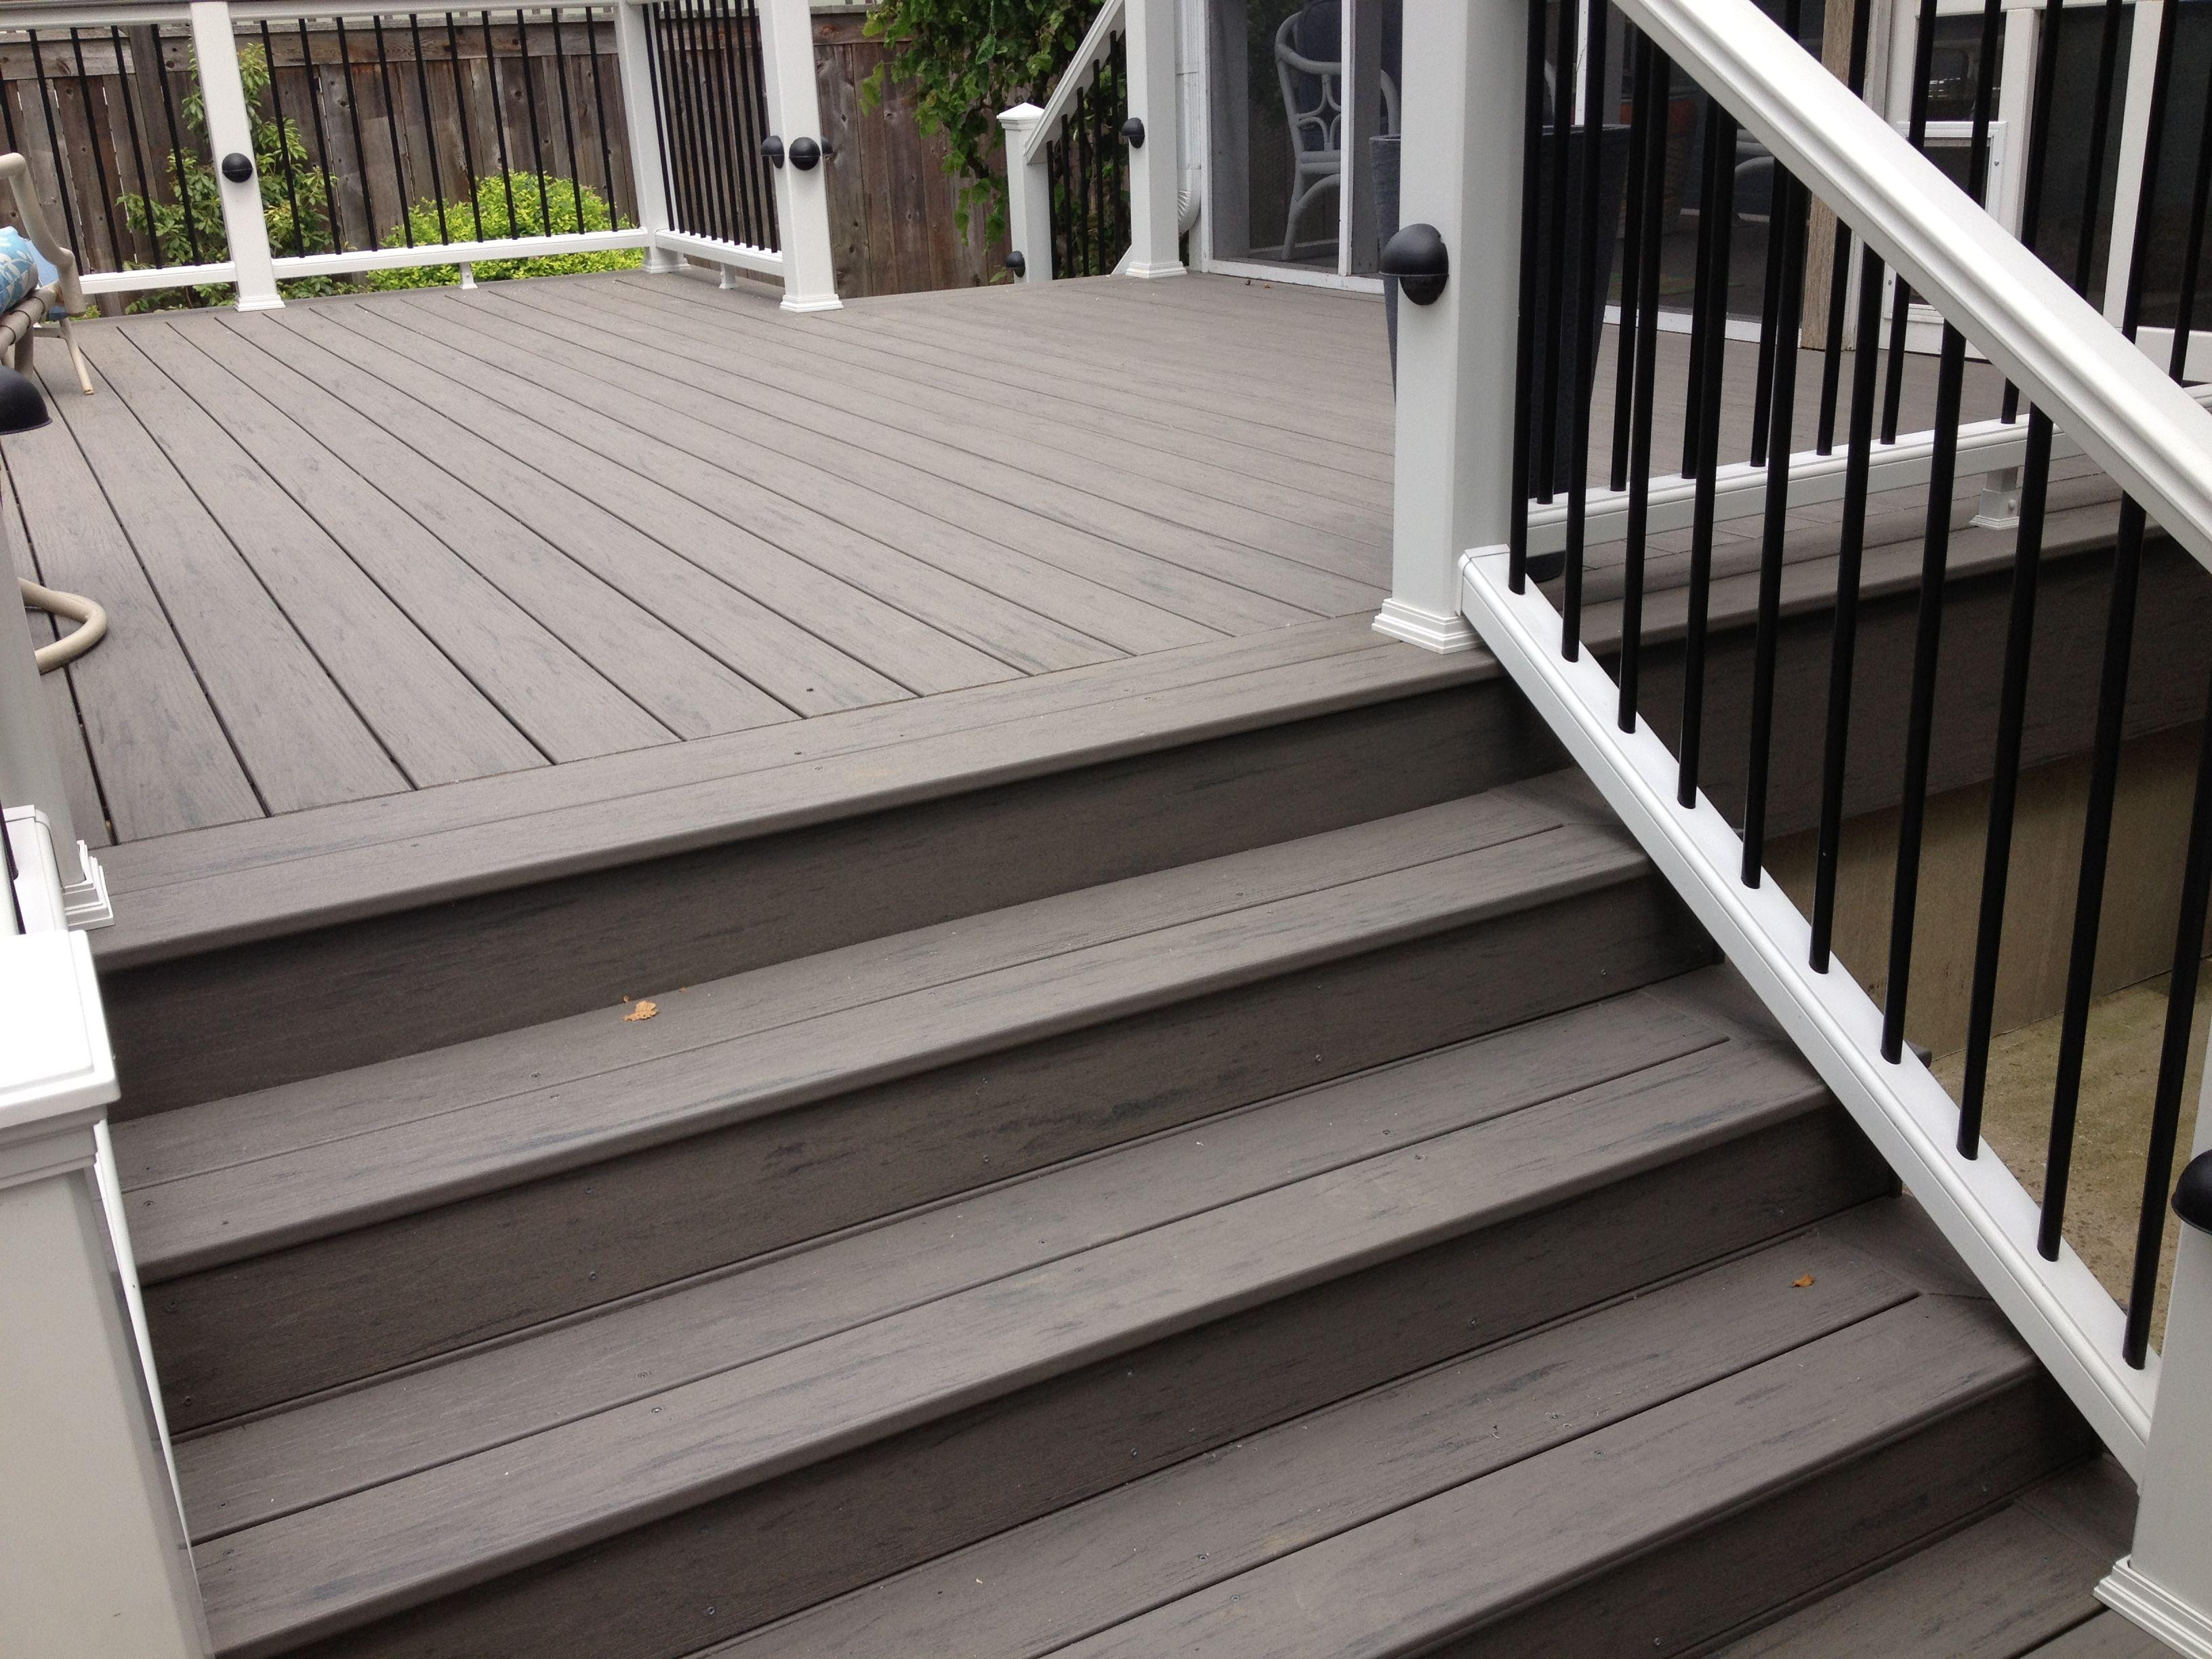 Extra wide 6 39 steps timbertech terrain deck pinterest Terrain decking